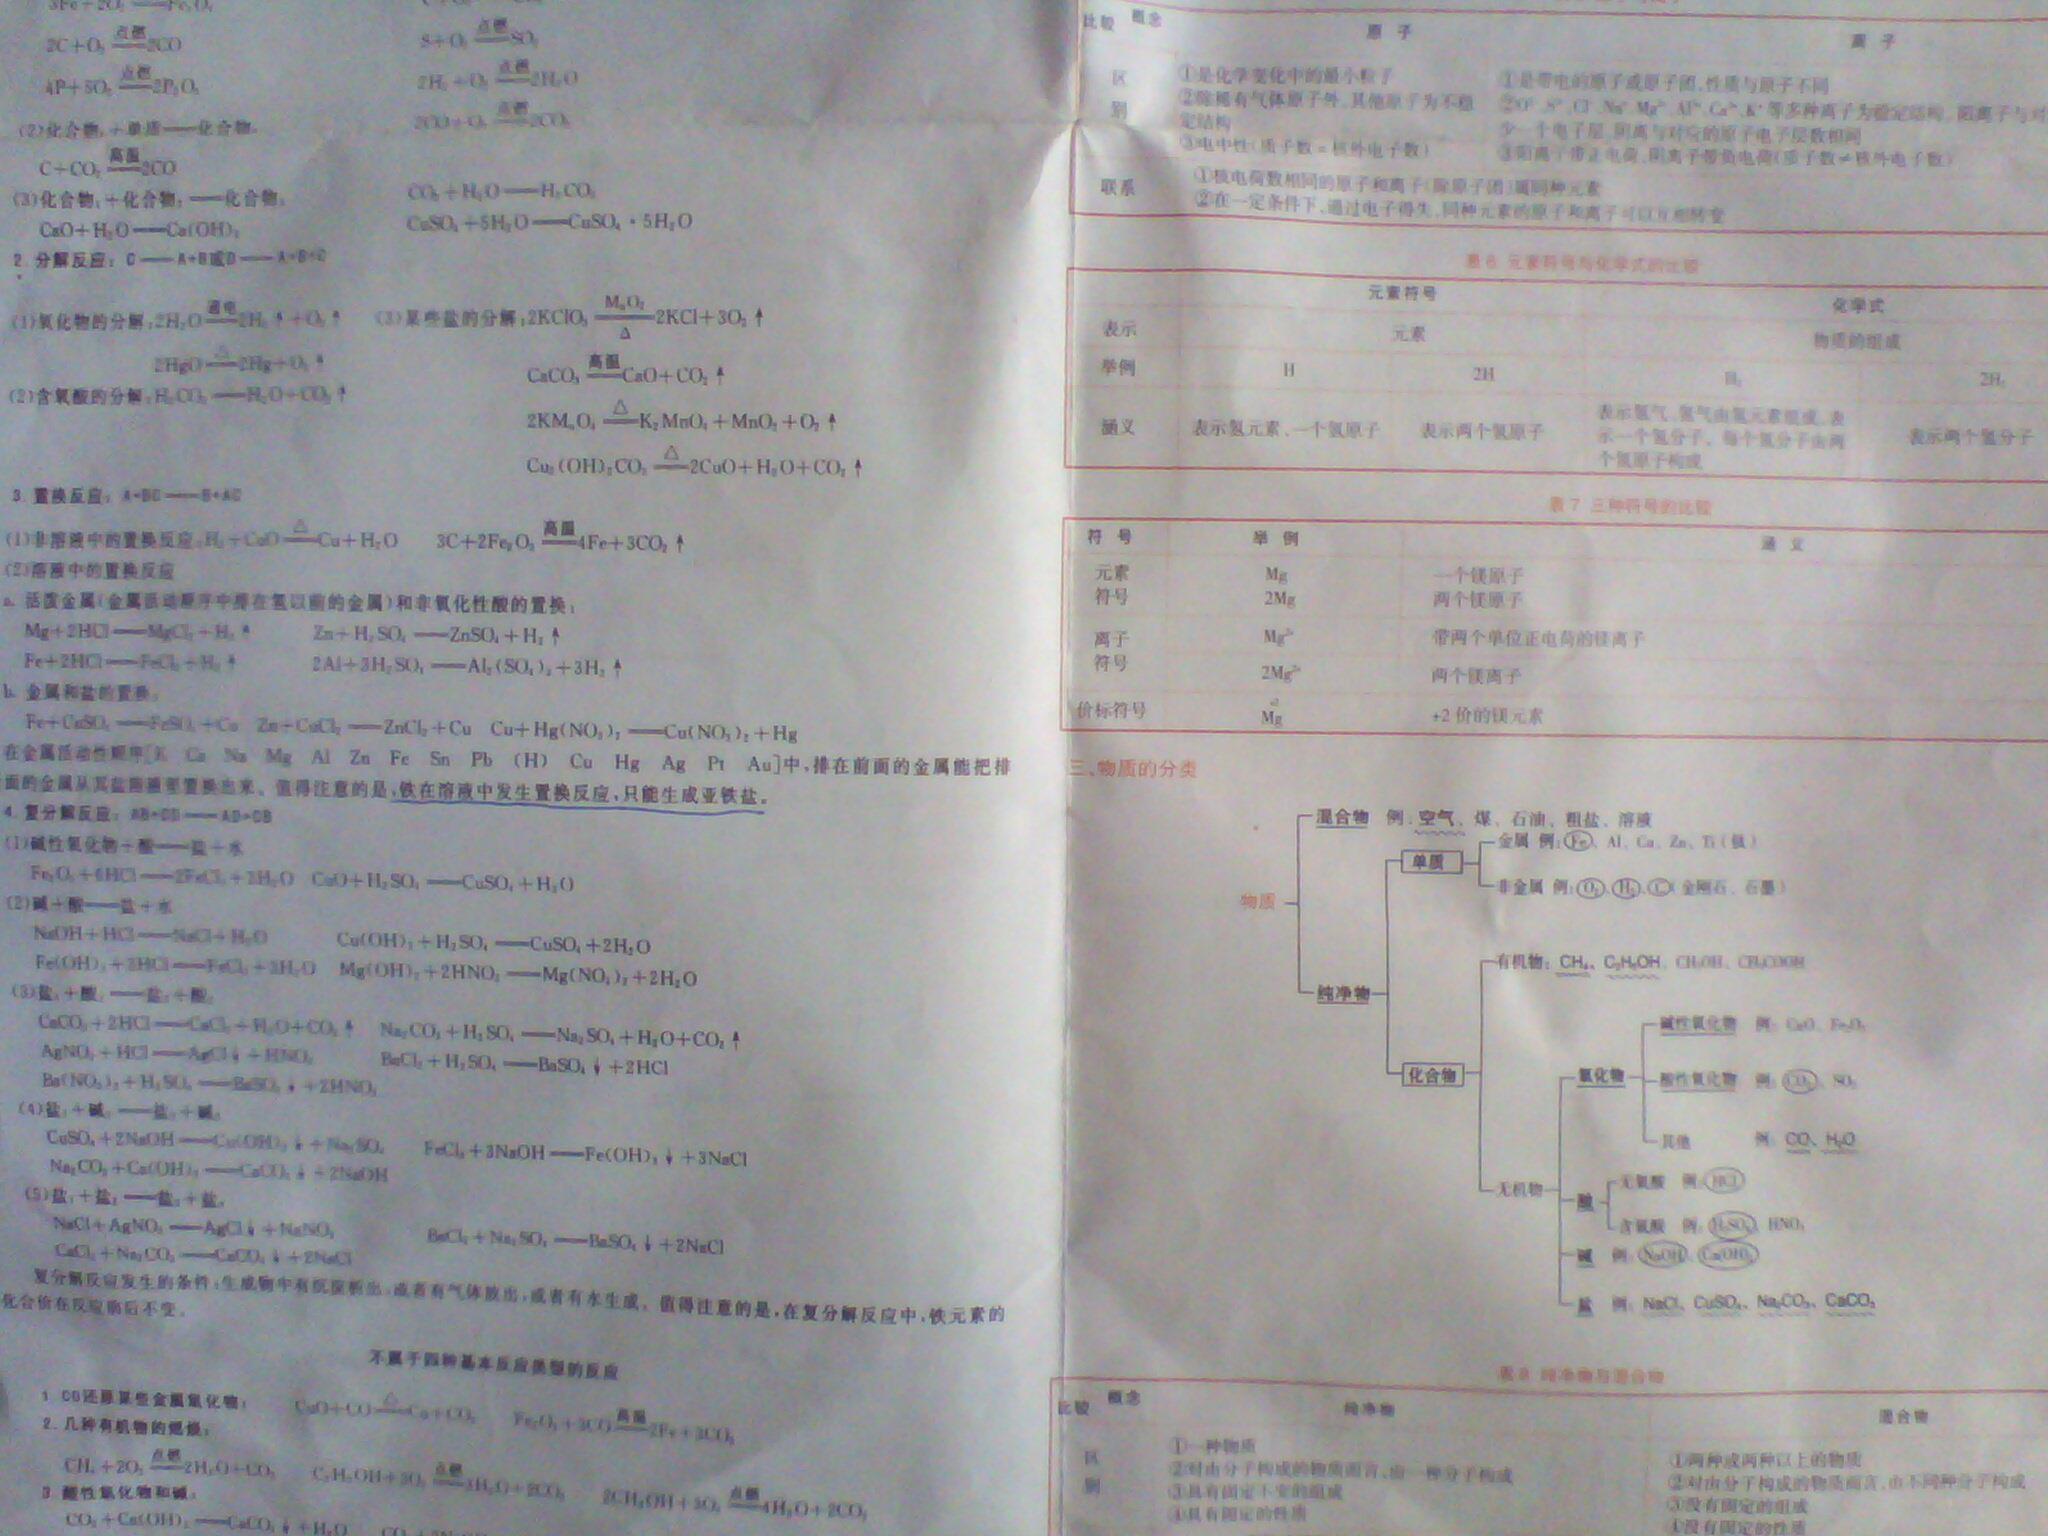 化学必修一知识树状图图片